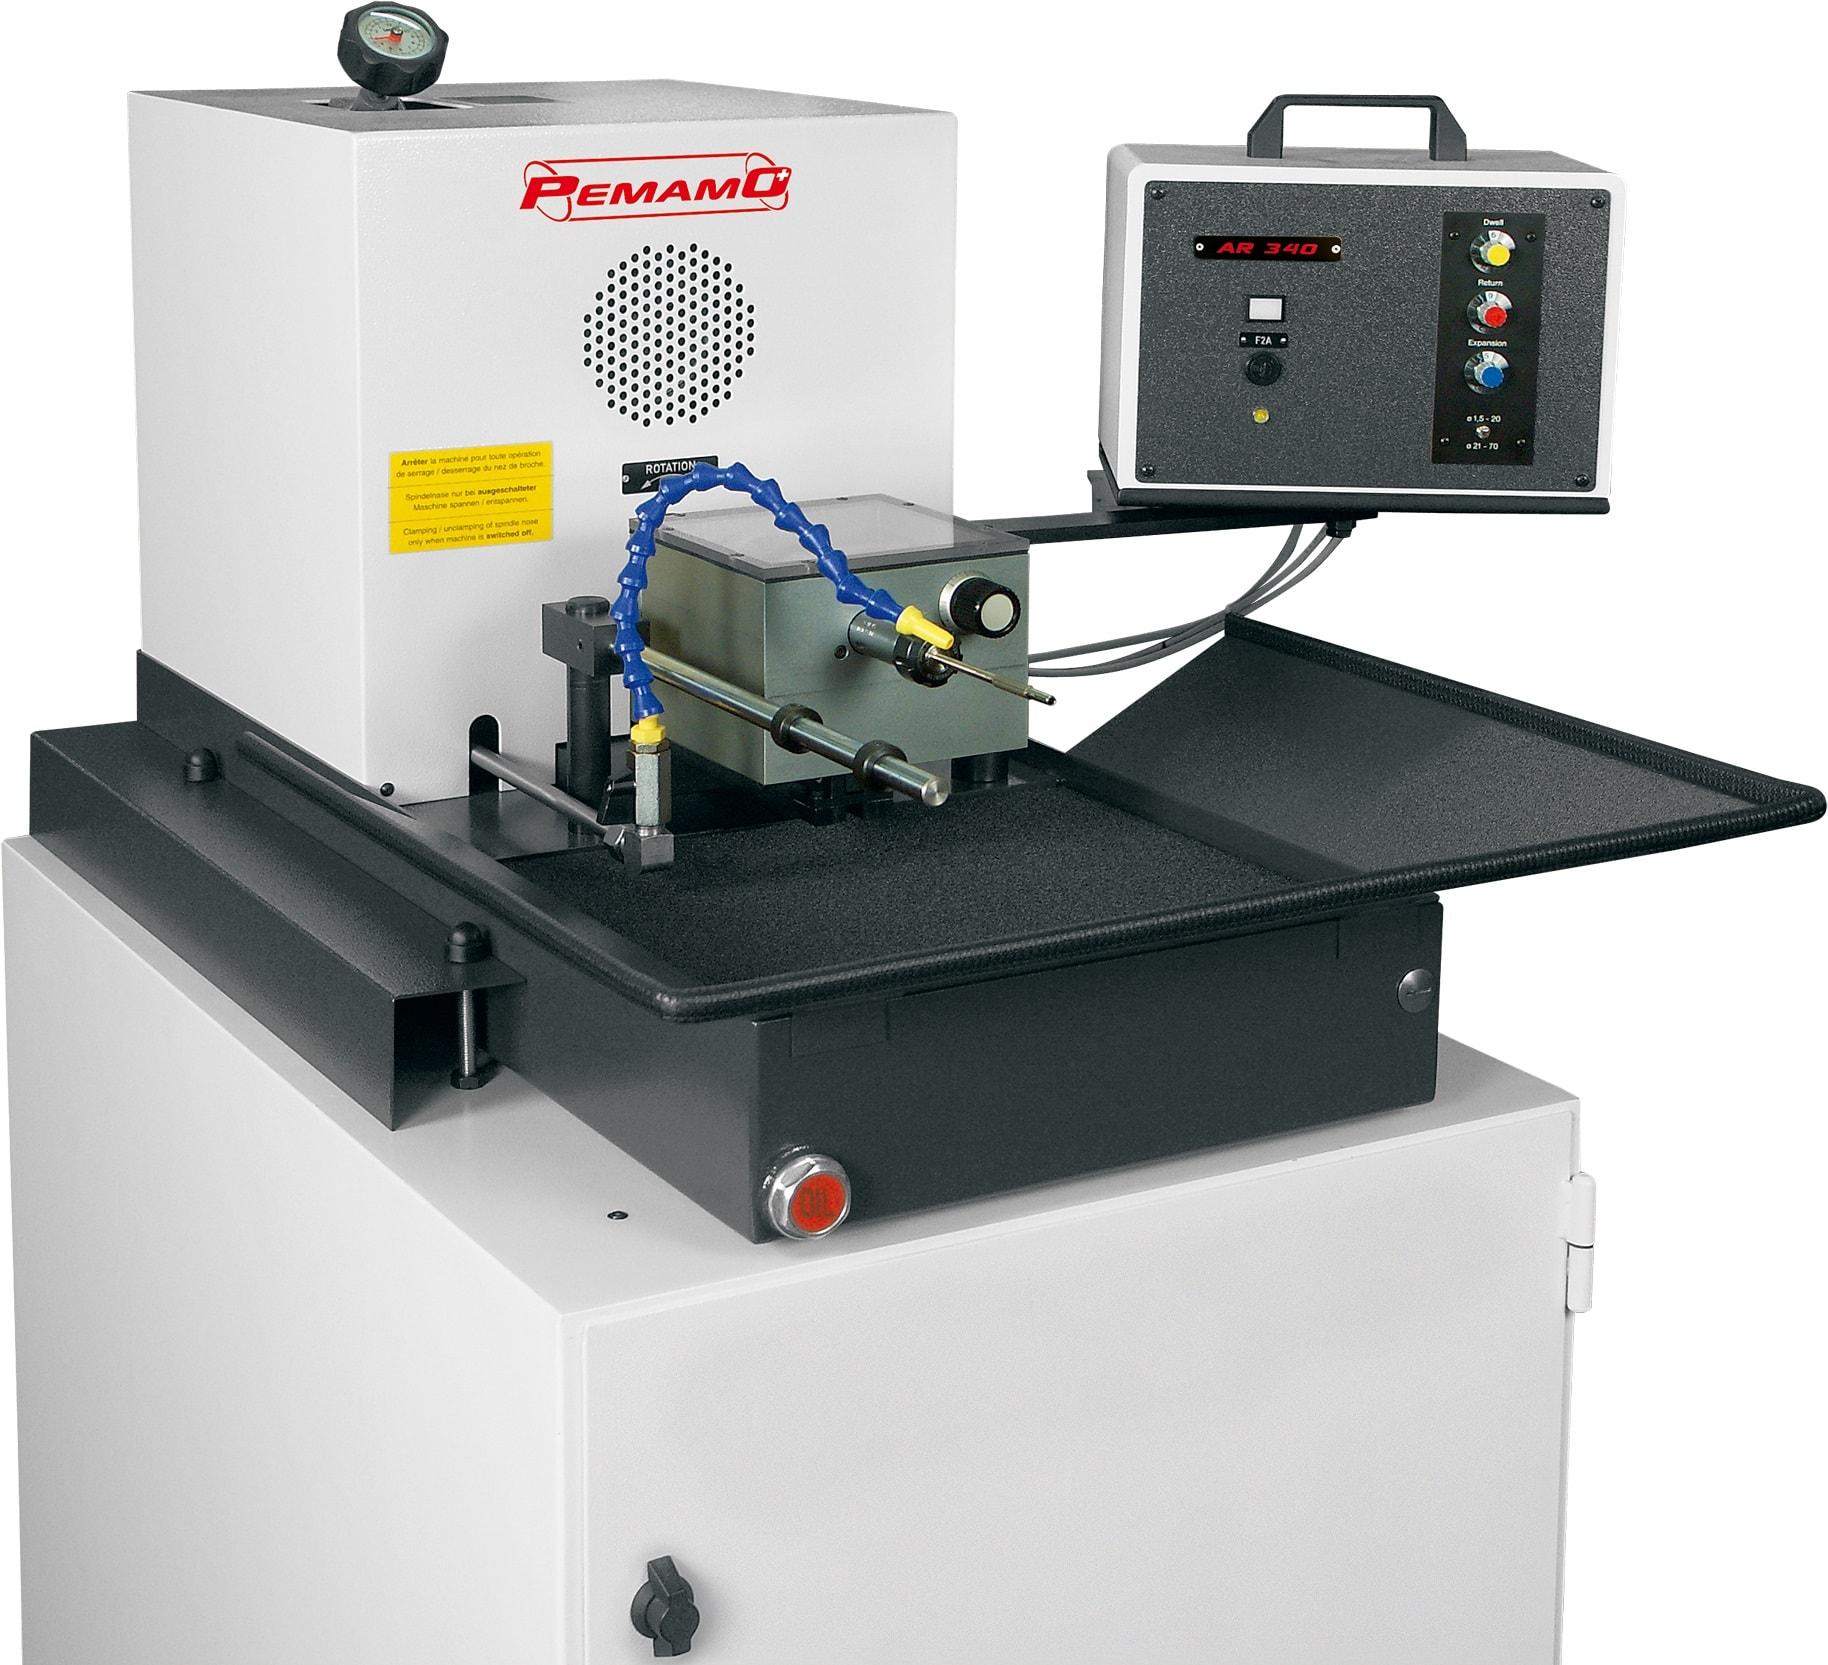 Semi Auto Honing Machine MDR-120E